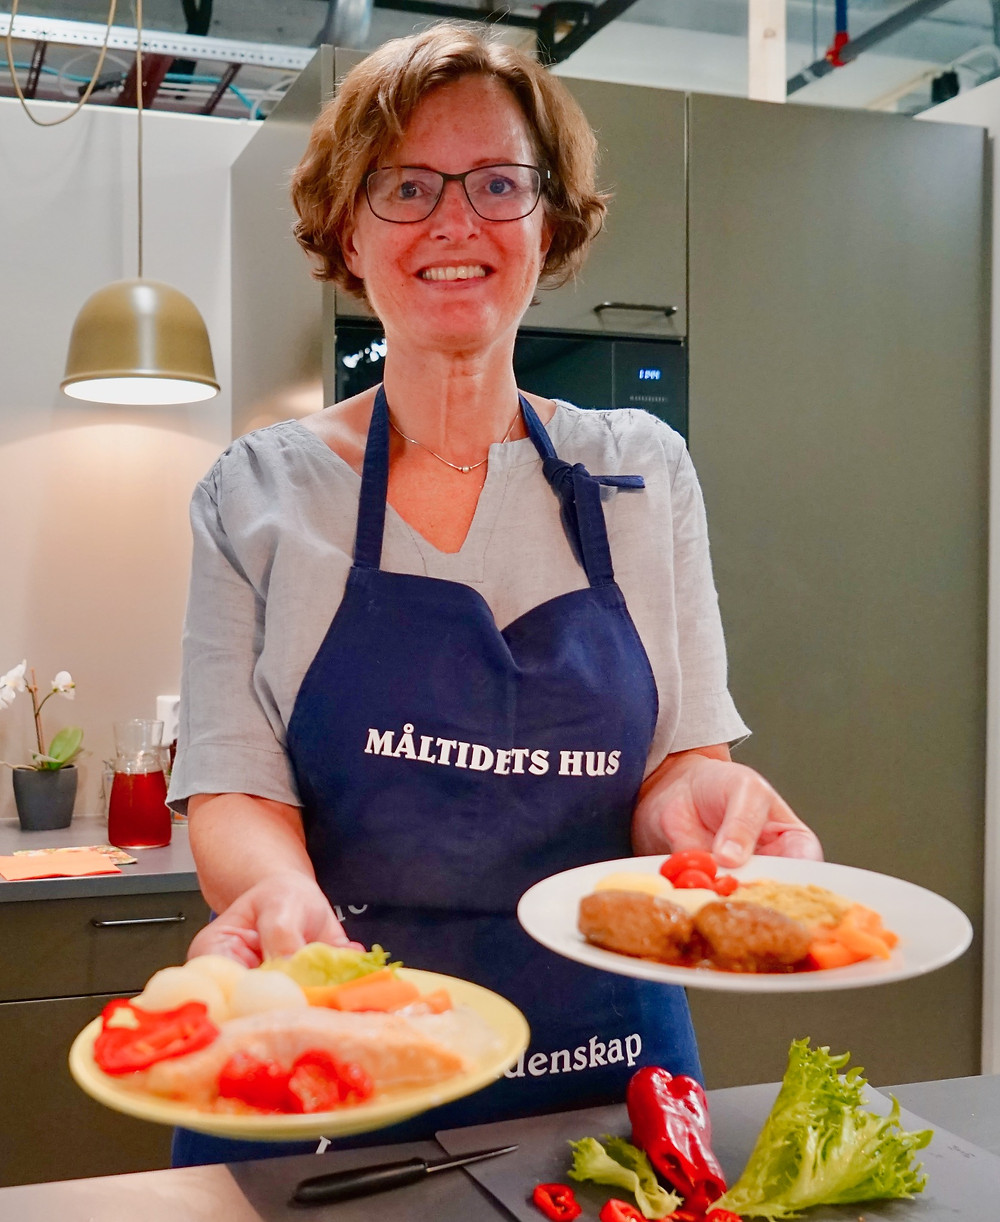 Fjordland retter utgjør en god lunsj i Måltidets hus uansett alder i følge Kari Birgitte M. Wiig og Hilde Garlid, Validé. Foto: Hilde Garlid